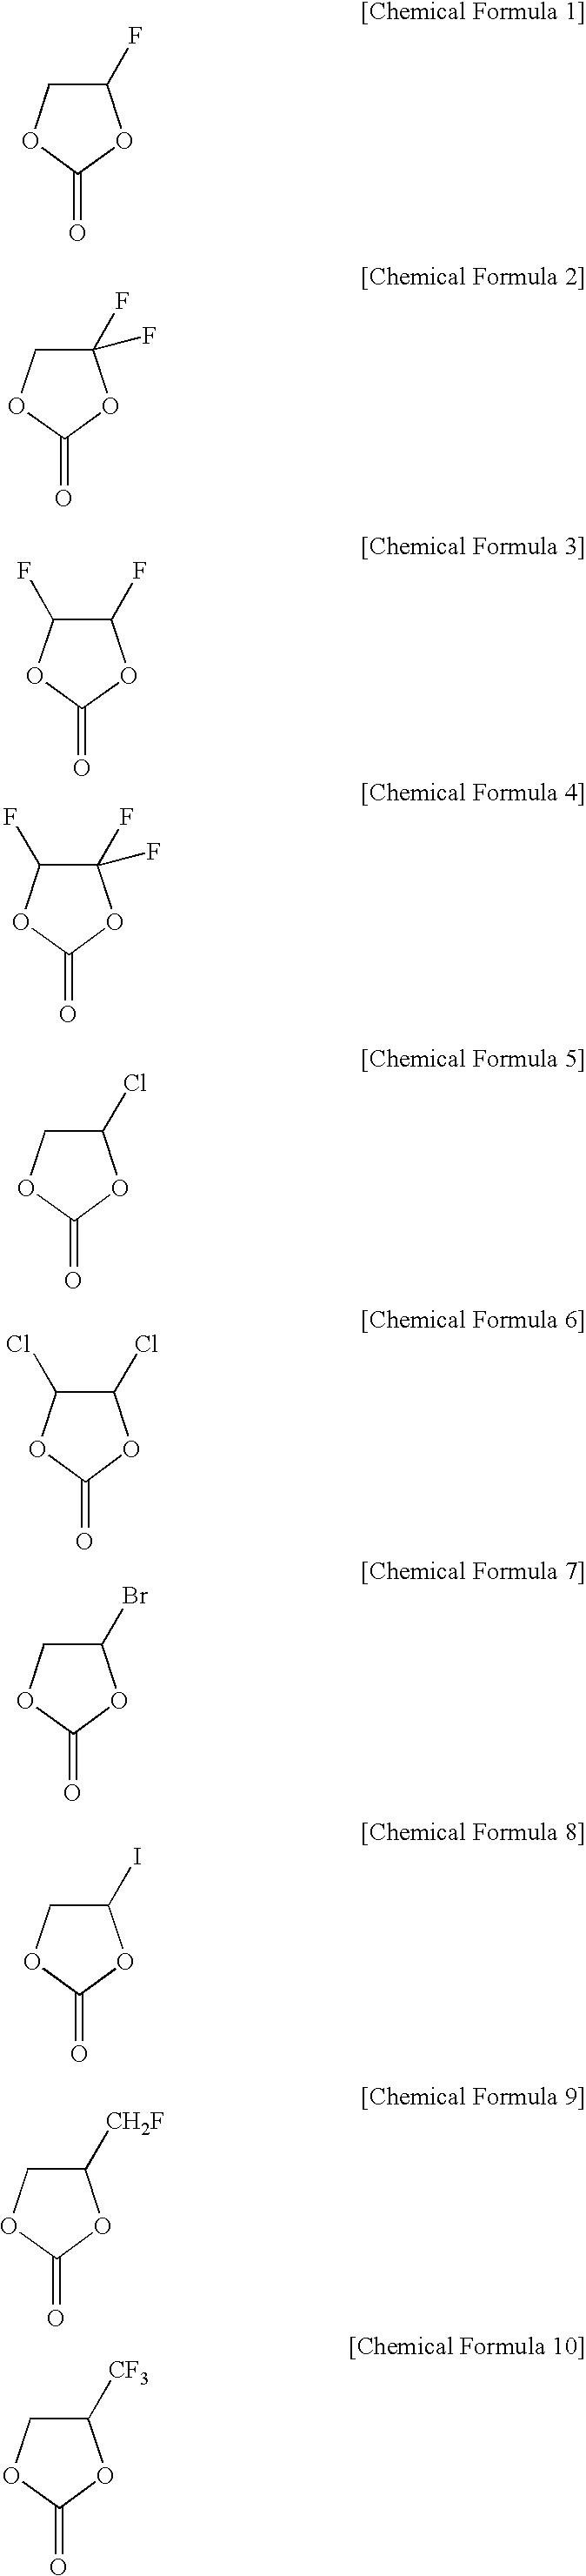 Figure US20060068292A1-20060330-C00001